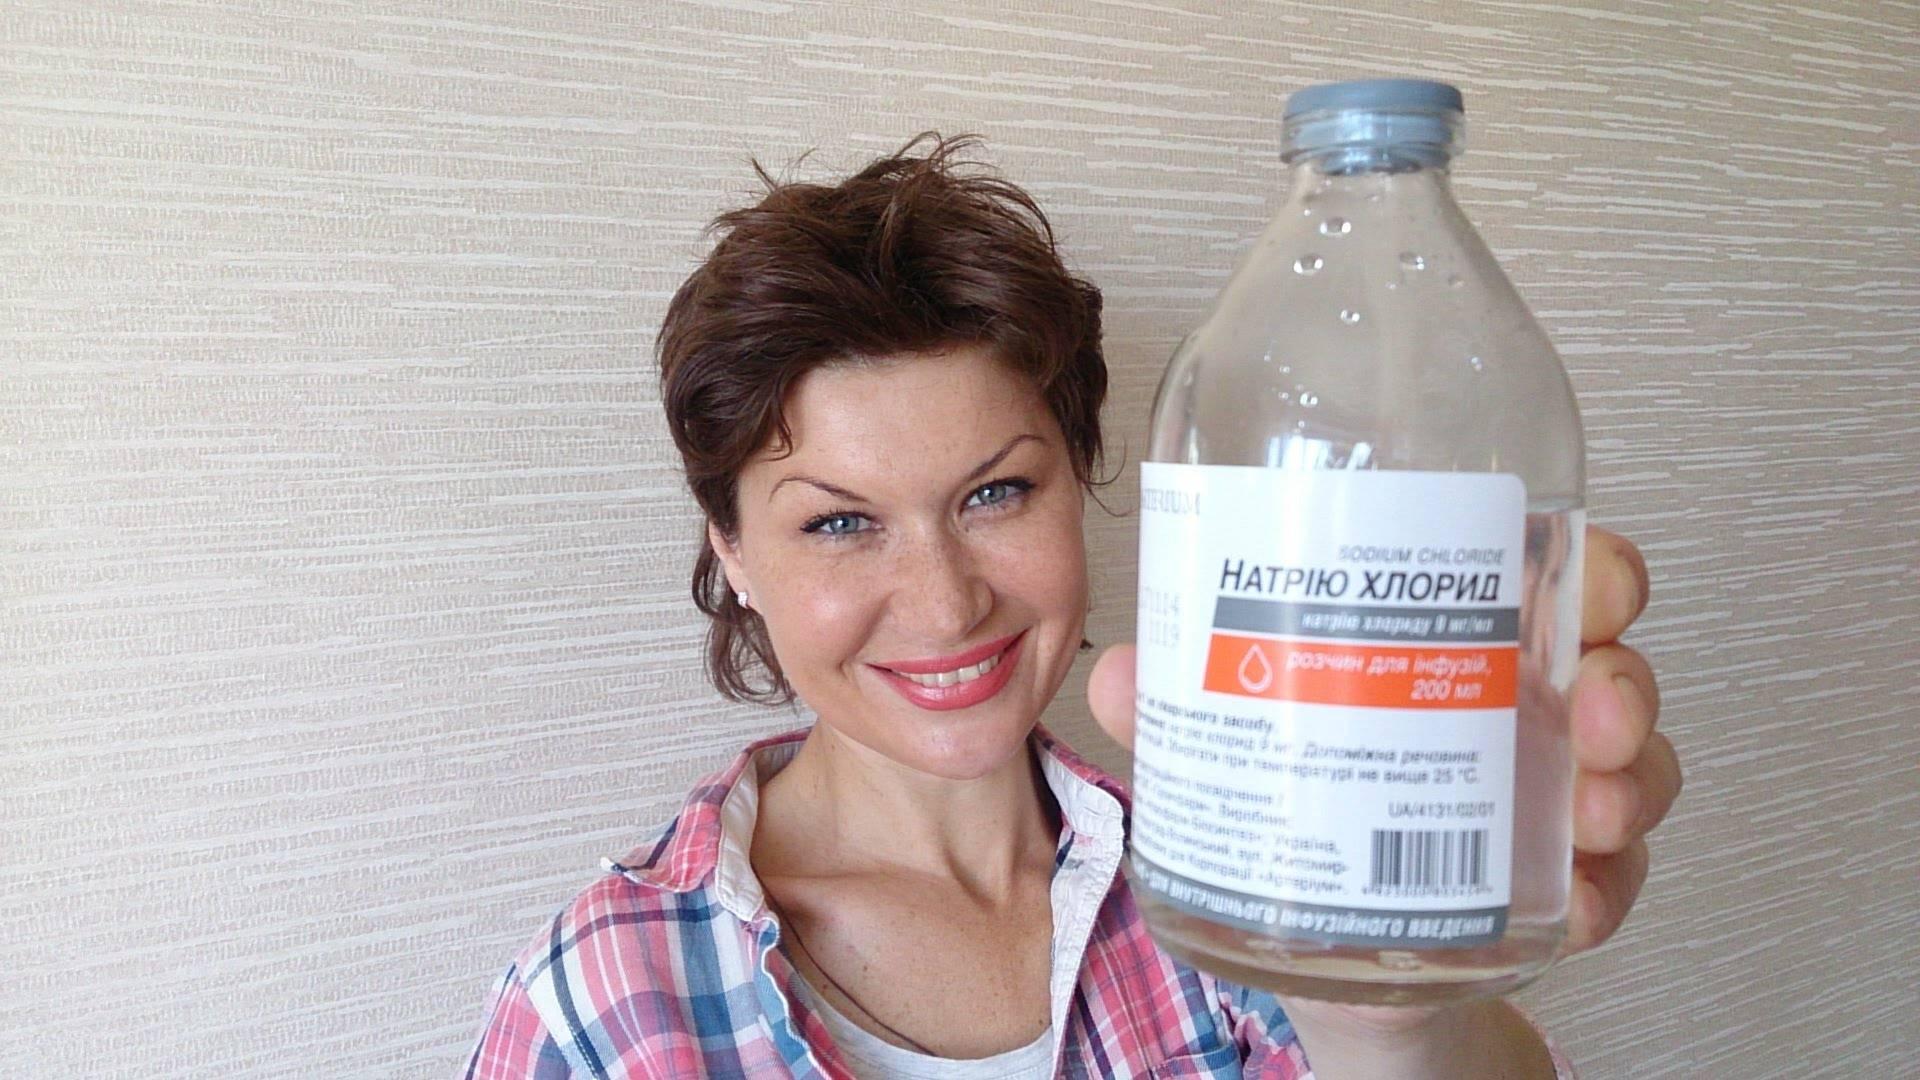 Натрия хлорид (физраствор) для детей: для ингаляций, промывания носа при насморке, при кашле. особенности применения у грудничков и новорожденных